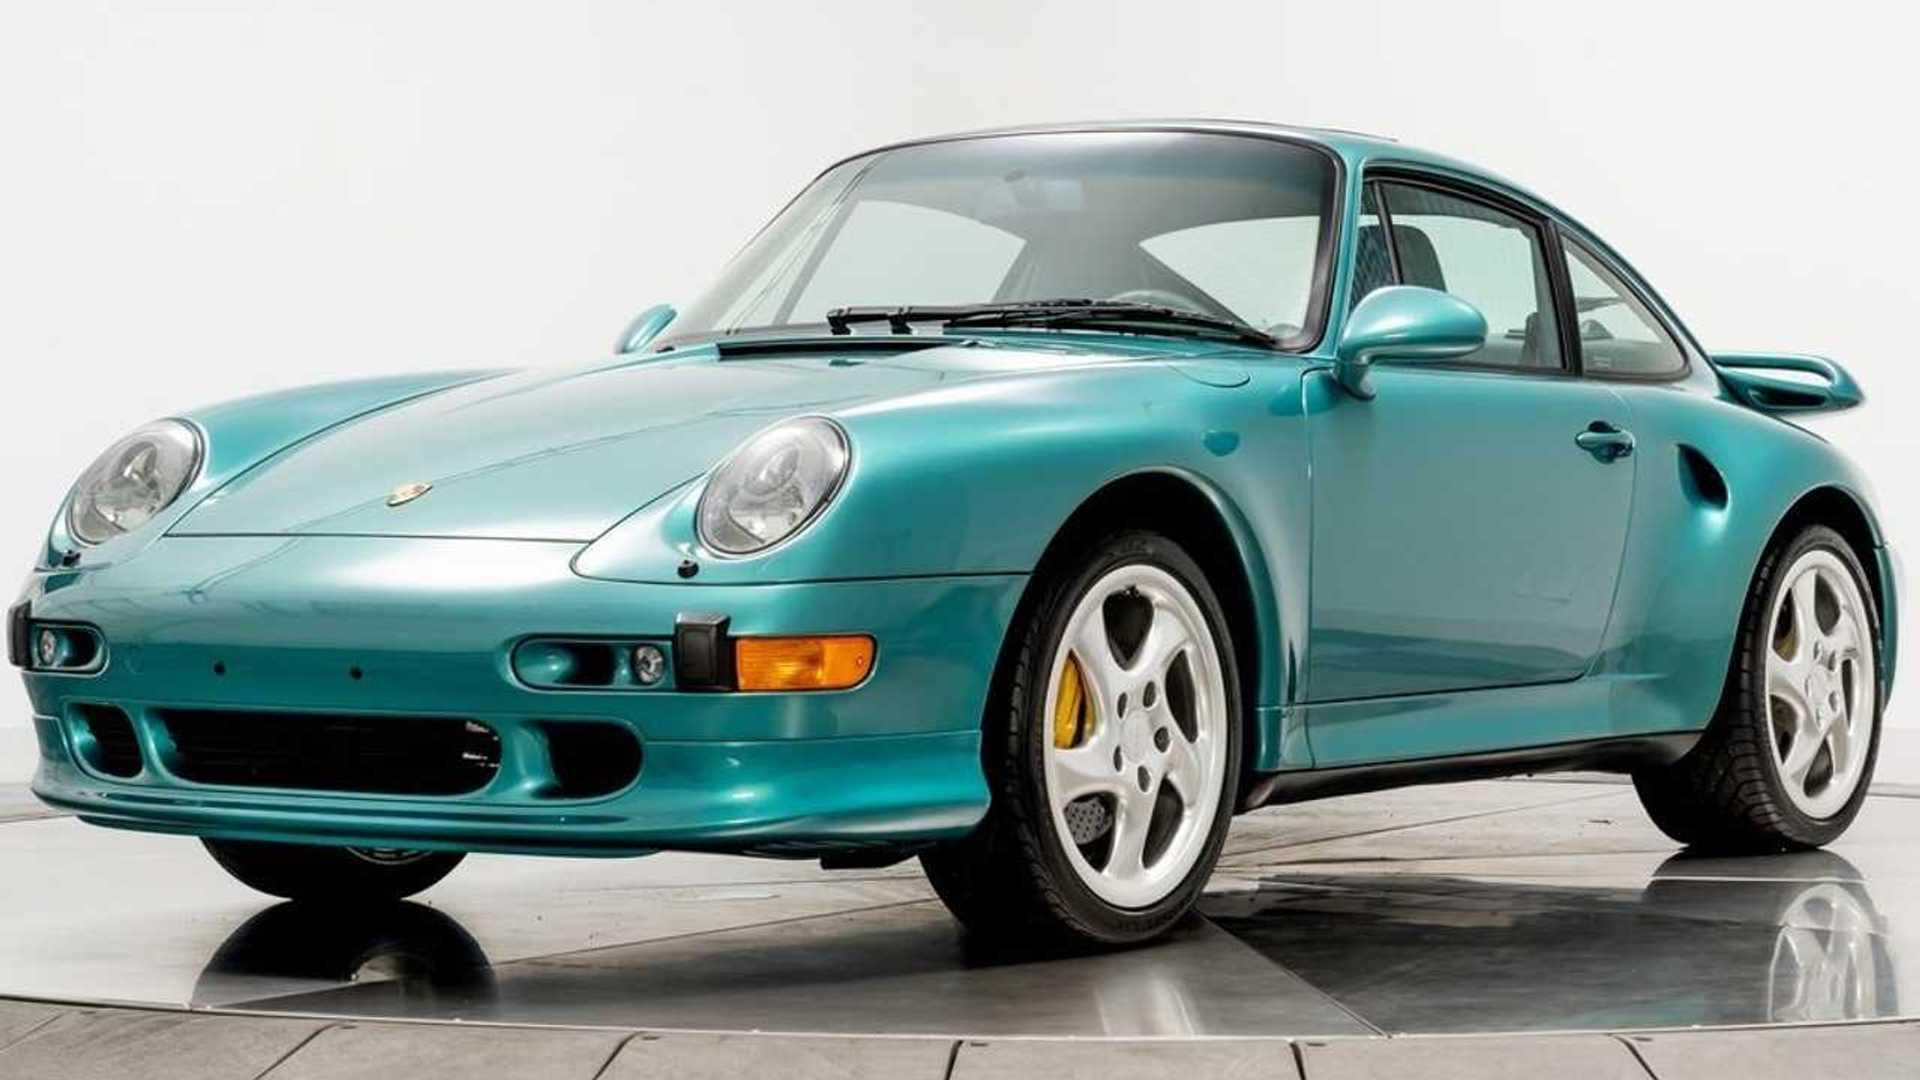 Une rare Porsche 911 (993) Turbo S affichée à plus de 800'000 euros